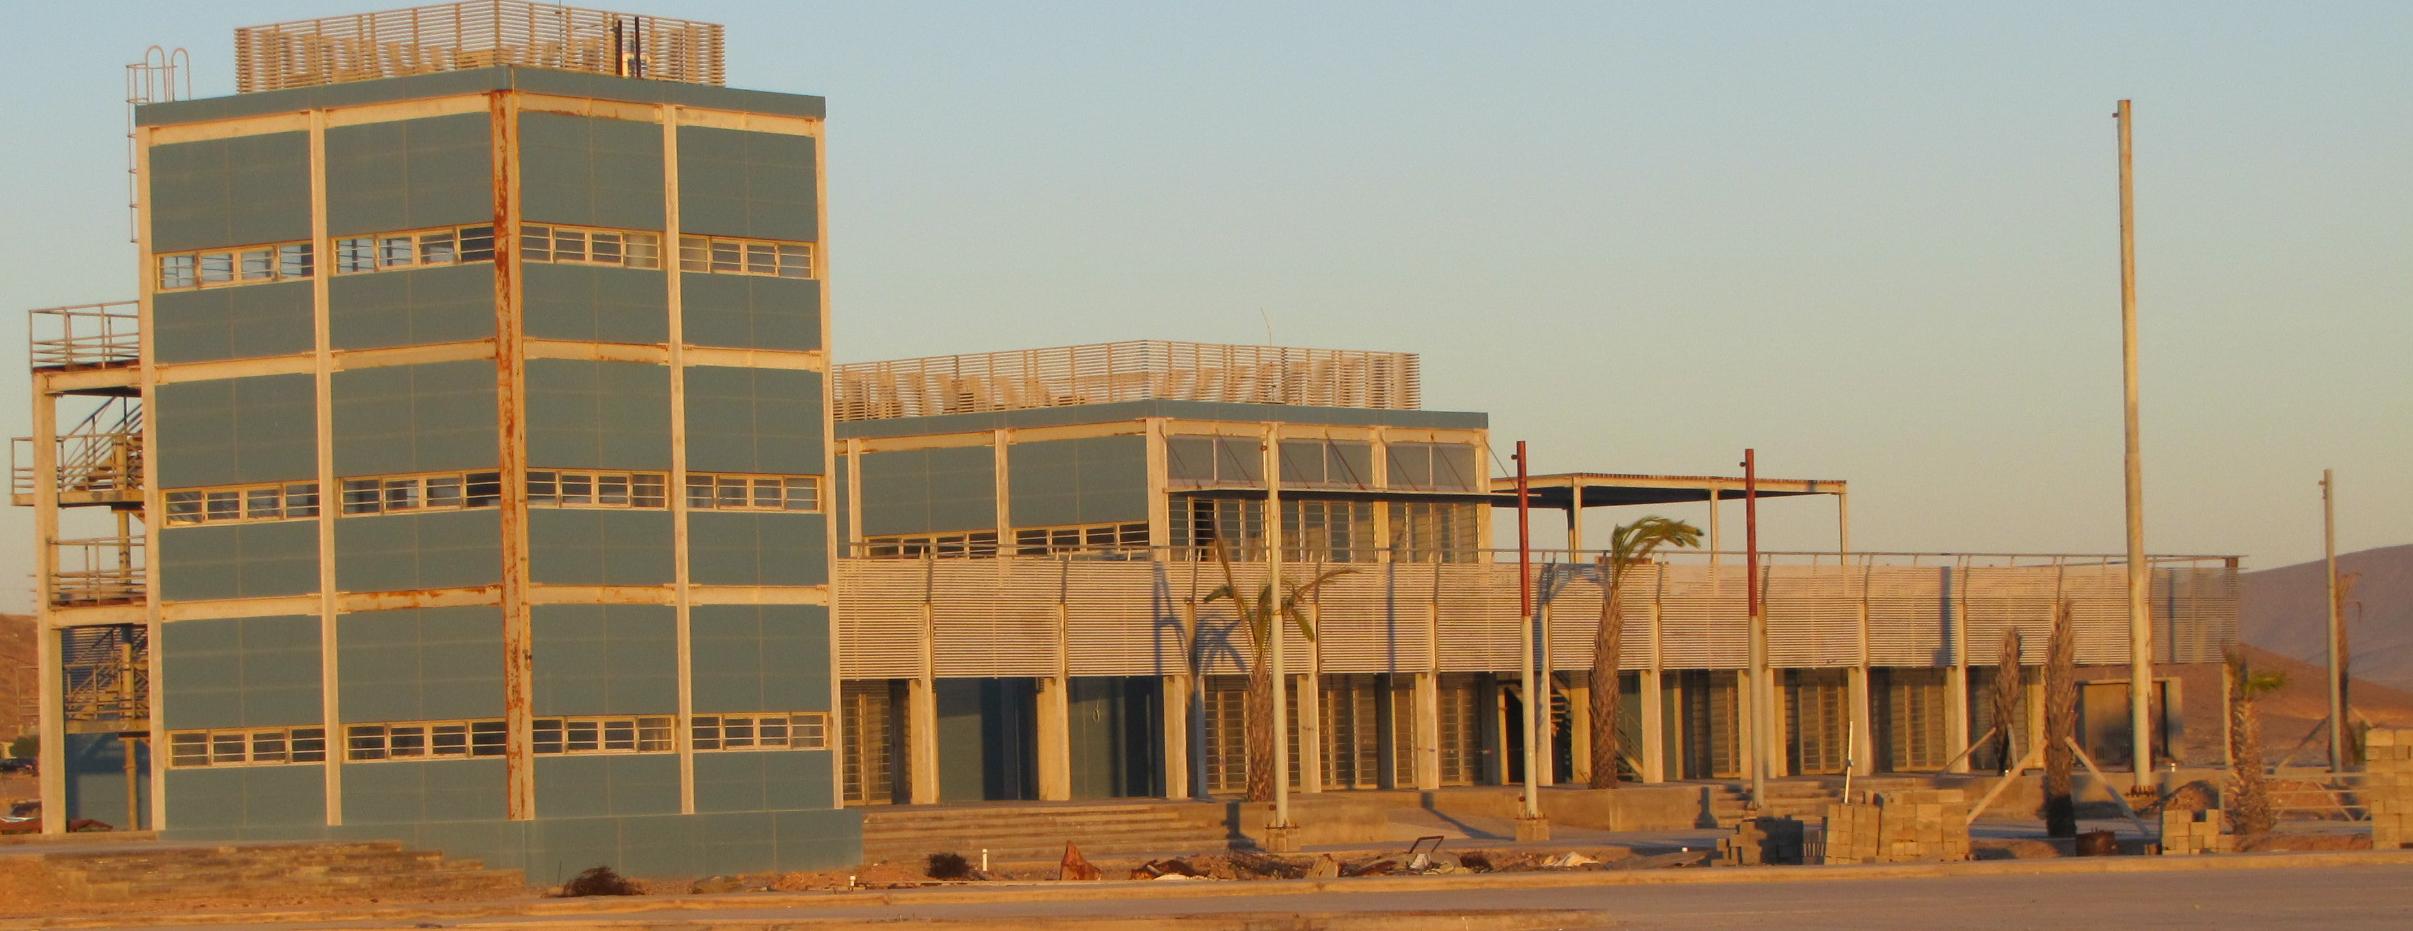 The buildings at the marina at Santa Rosalillita at sunset: they are rusting away.